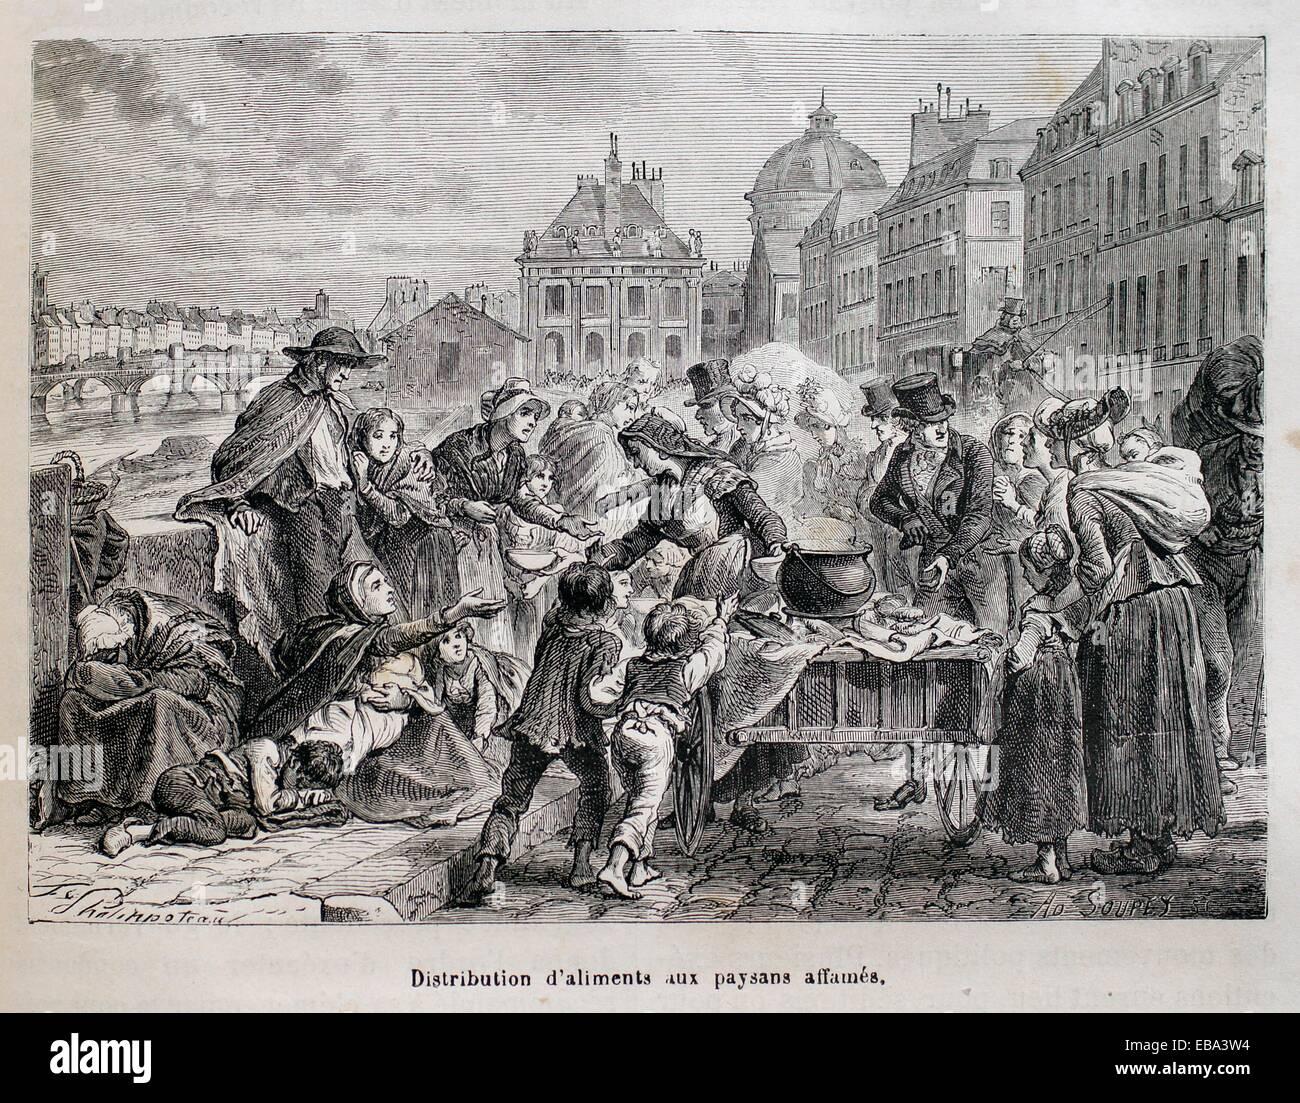 France, History,  1817-Distribution d´aliments aux paysans affamés - Stock Image